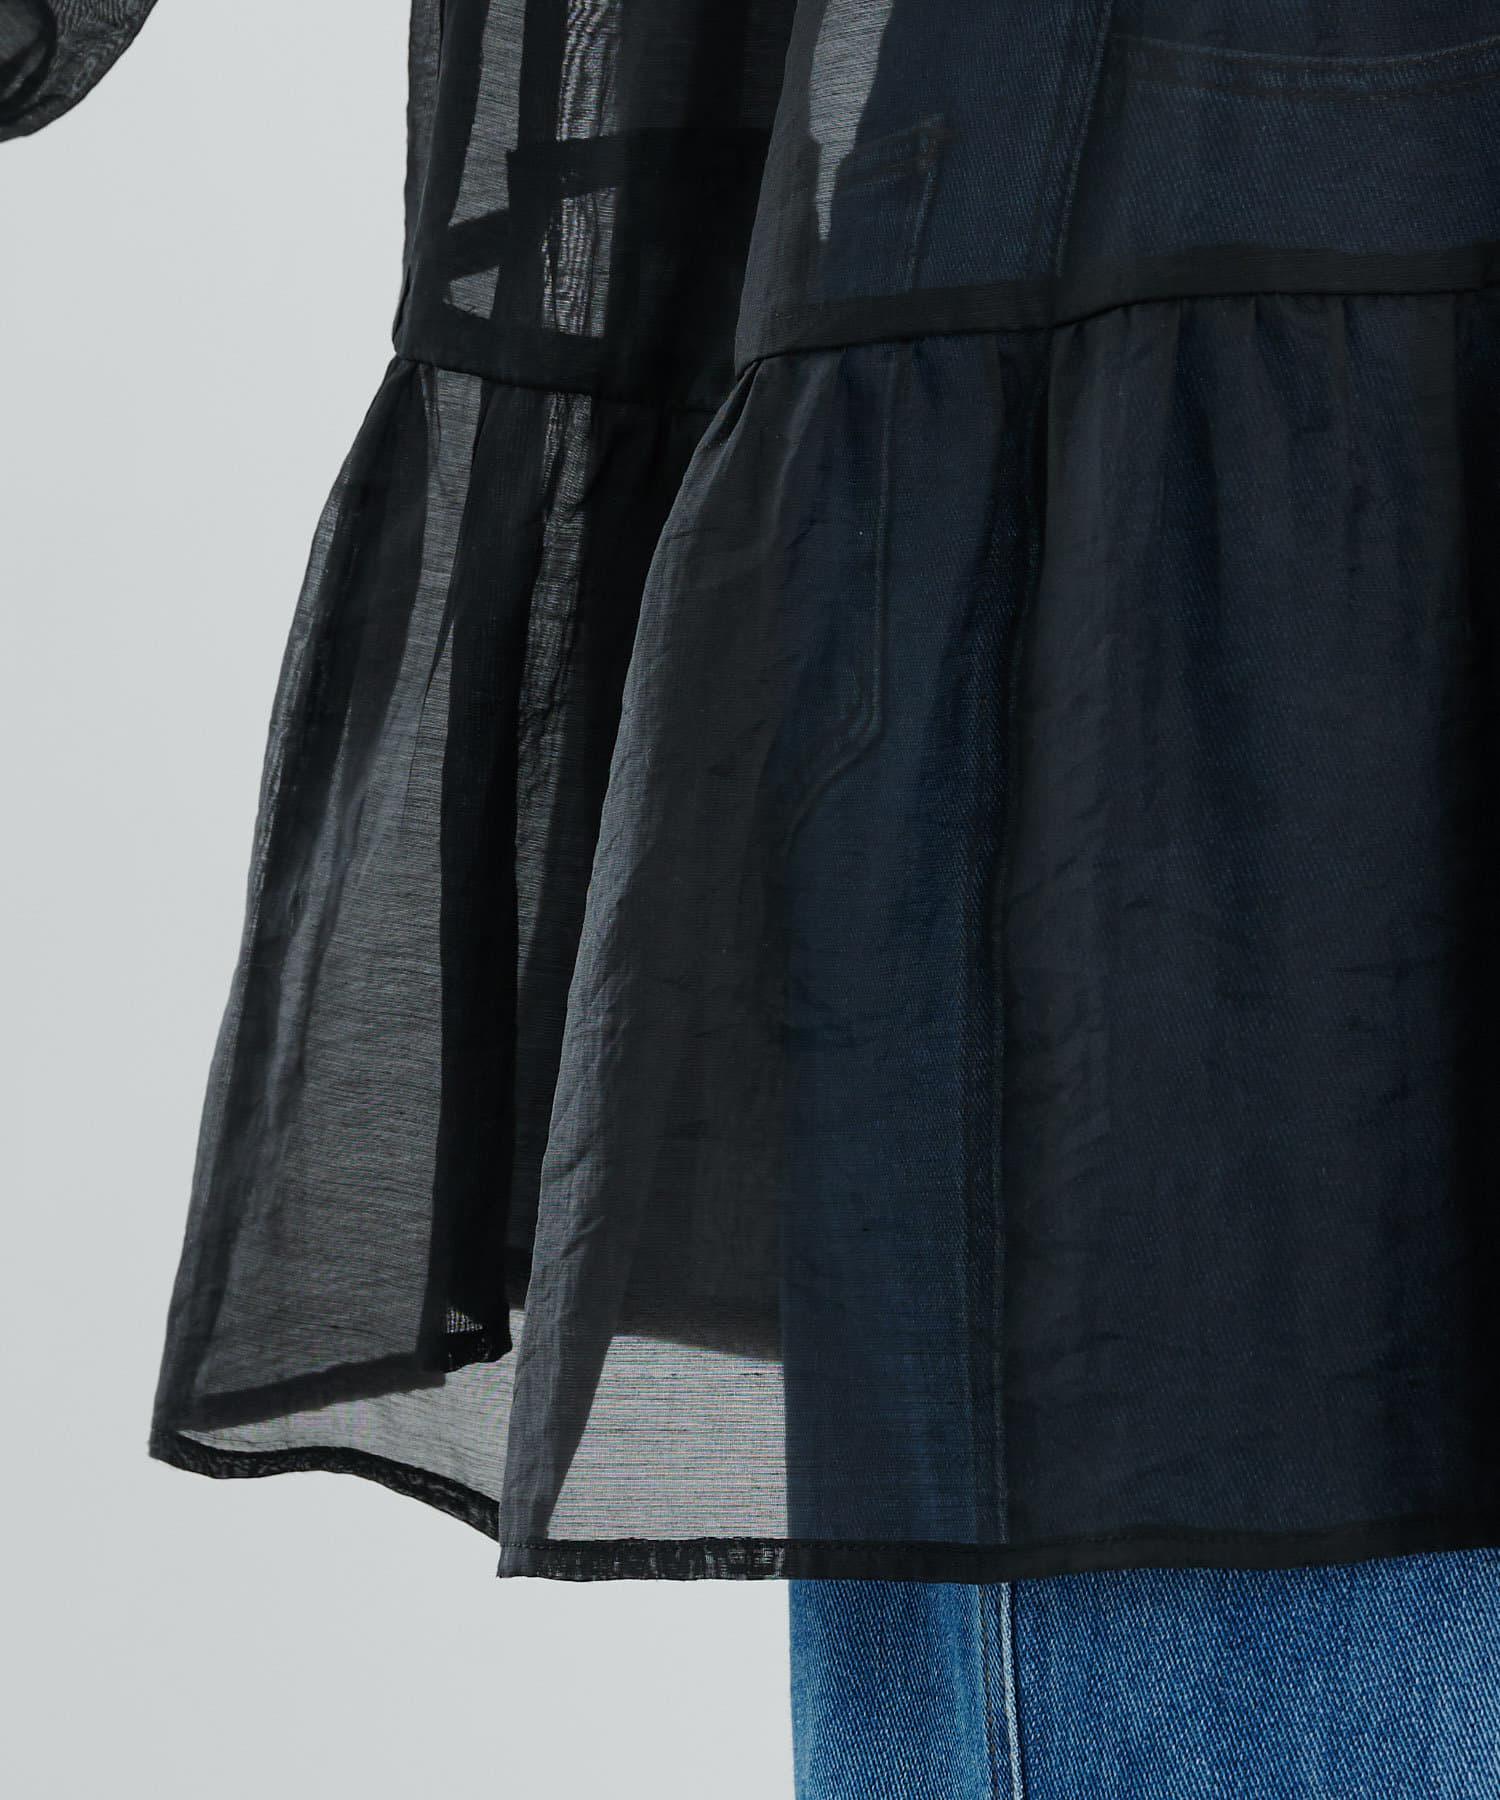 COLONY 2139(コロニー トゥーワンスリーナイン) サステナブルシアー長袖ティアードチュニック